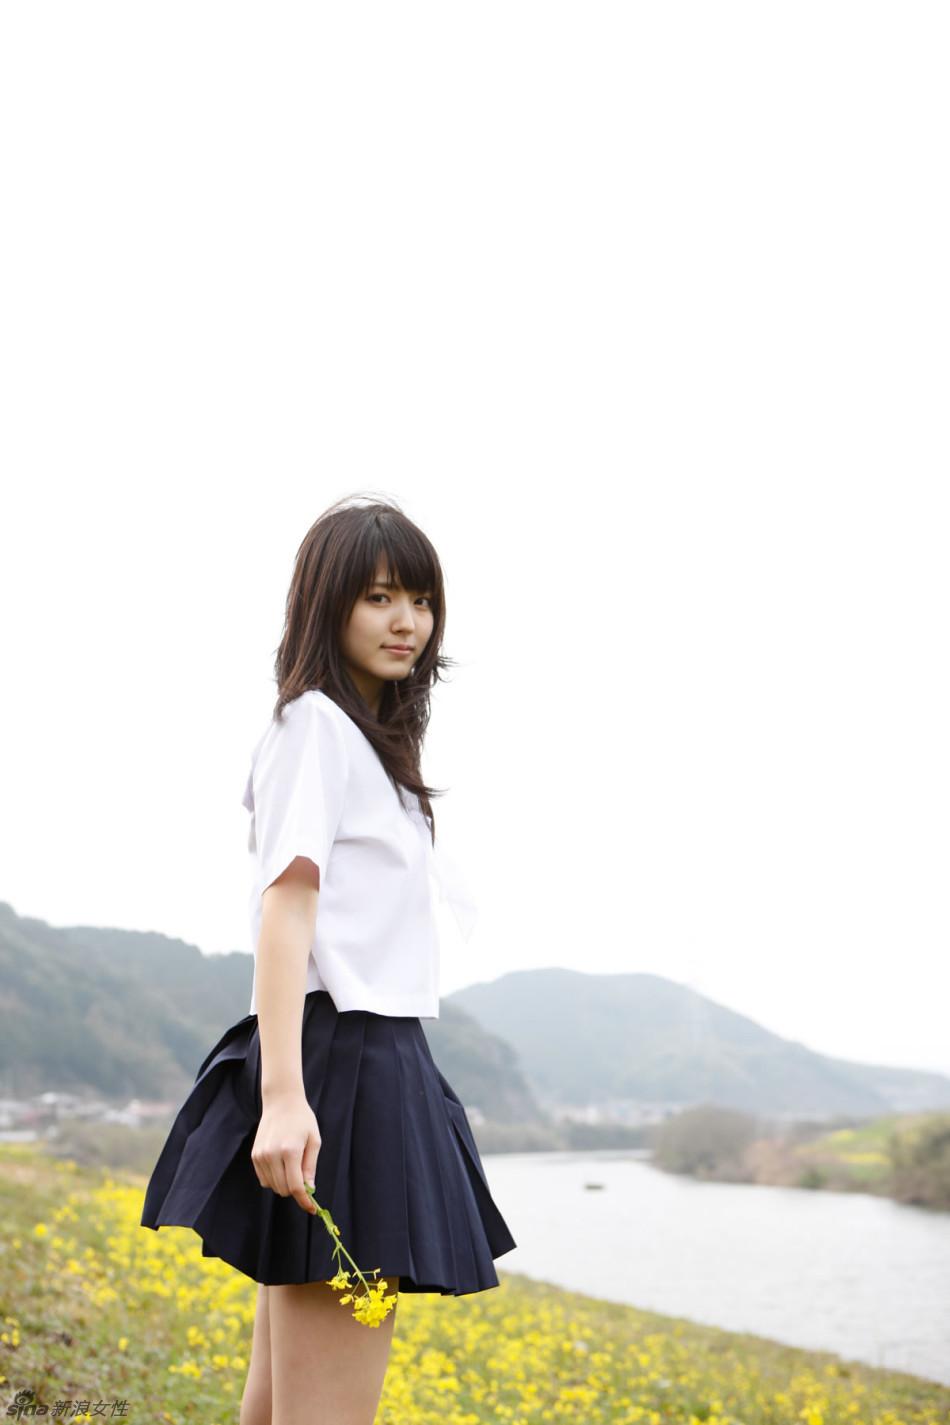 铃木爱理清凉制服写真